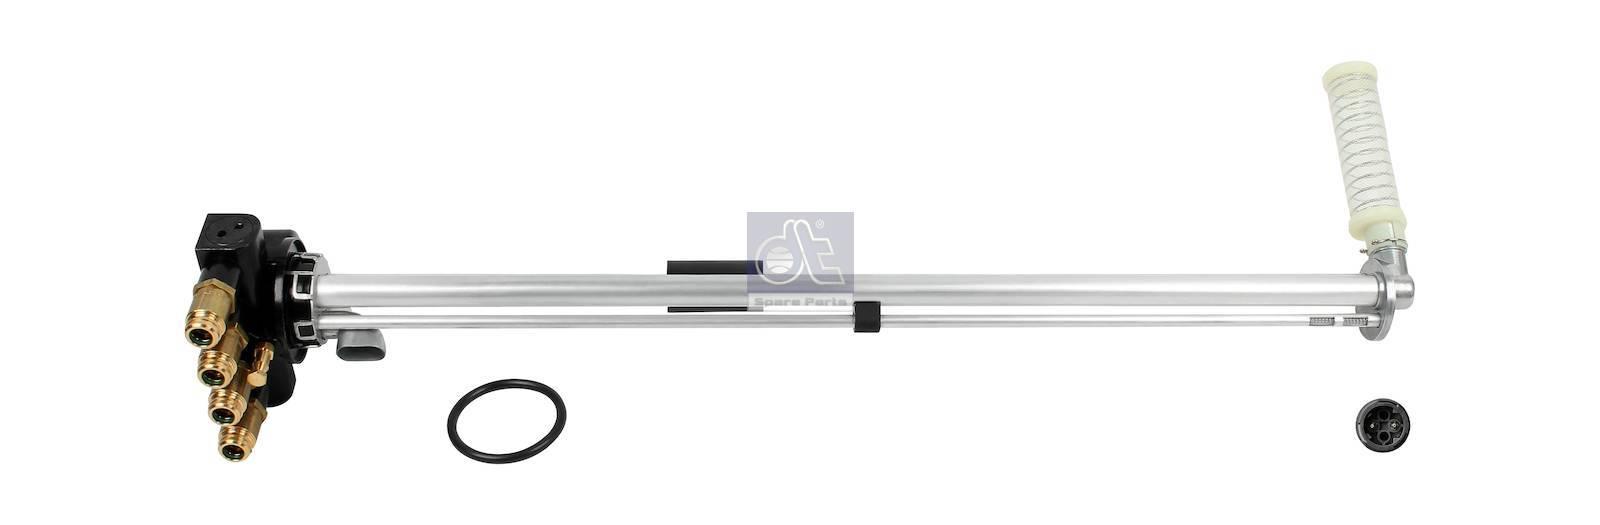 Fuel level sensor, aluminium tank